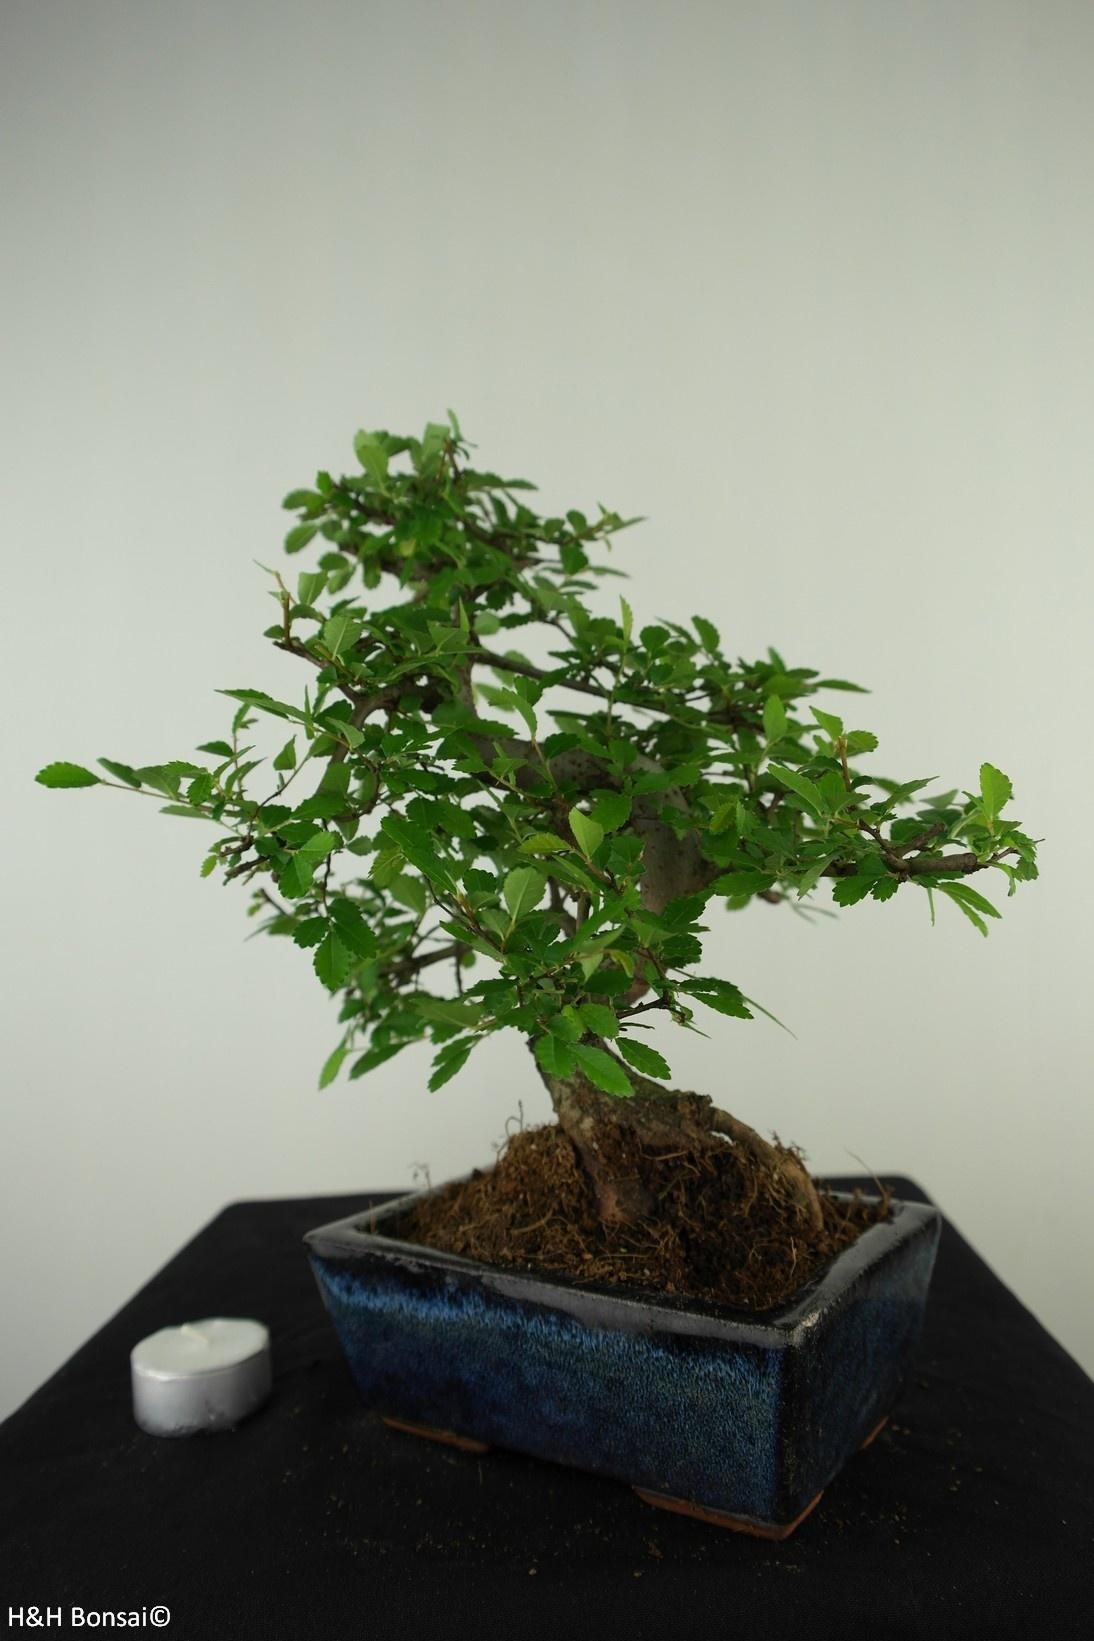 Bonsai Chin. Ulme, Ulmus, nr. 7737